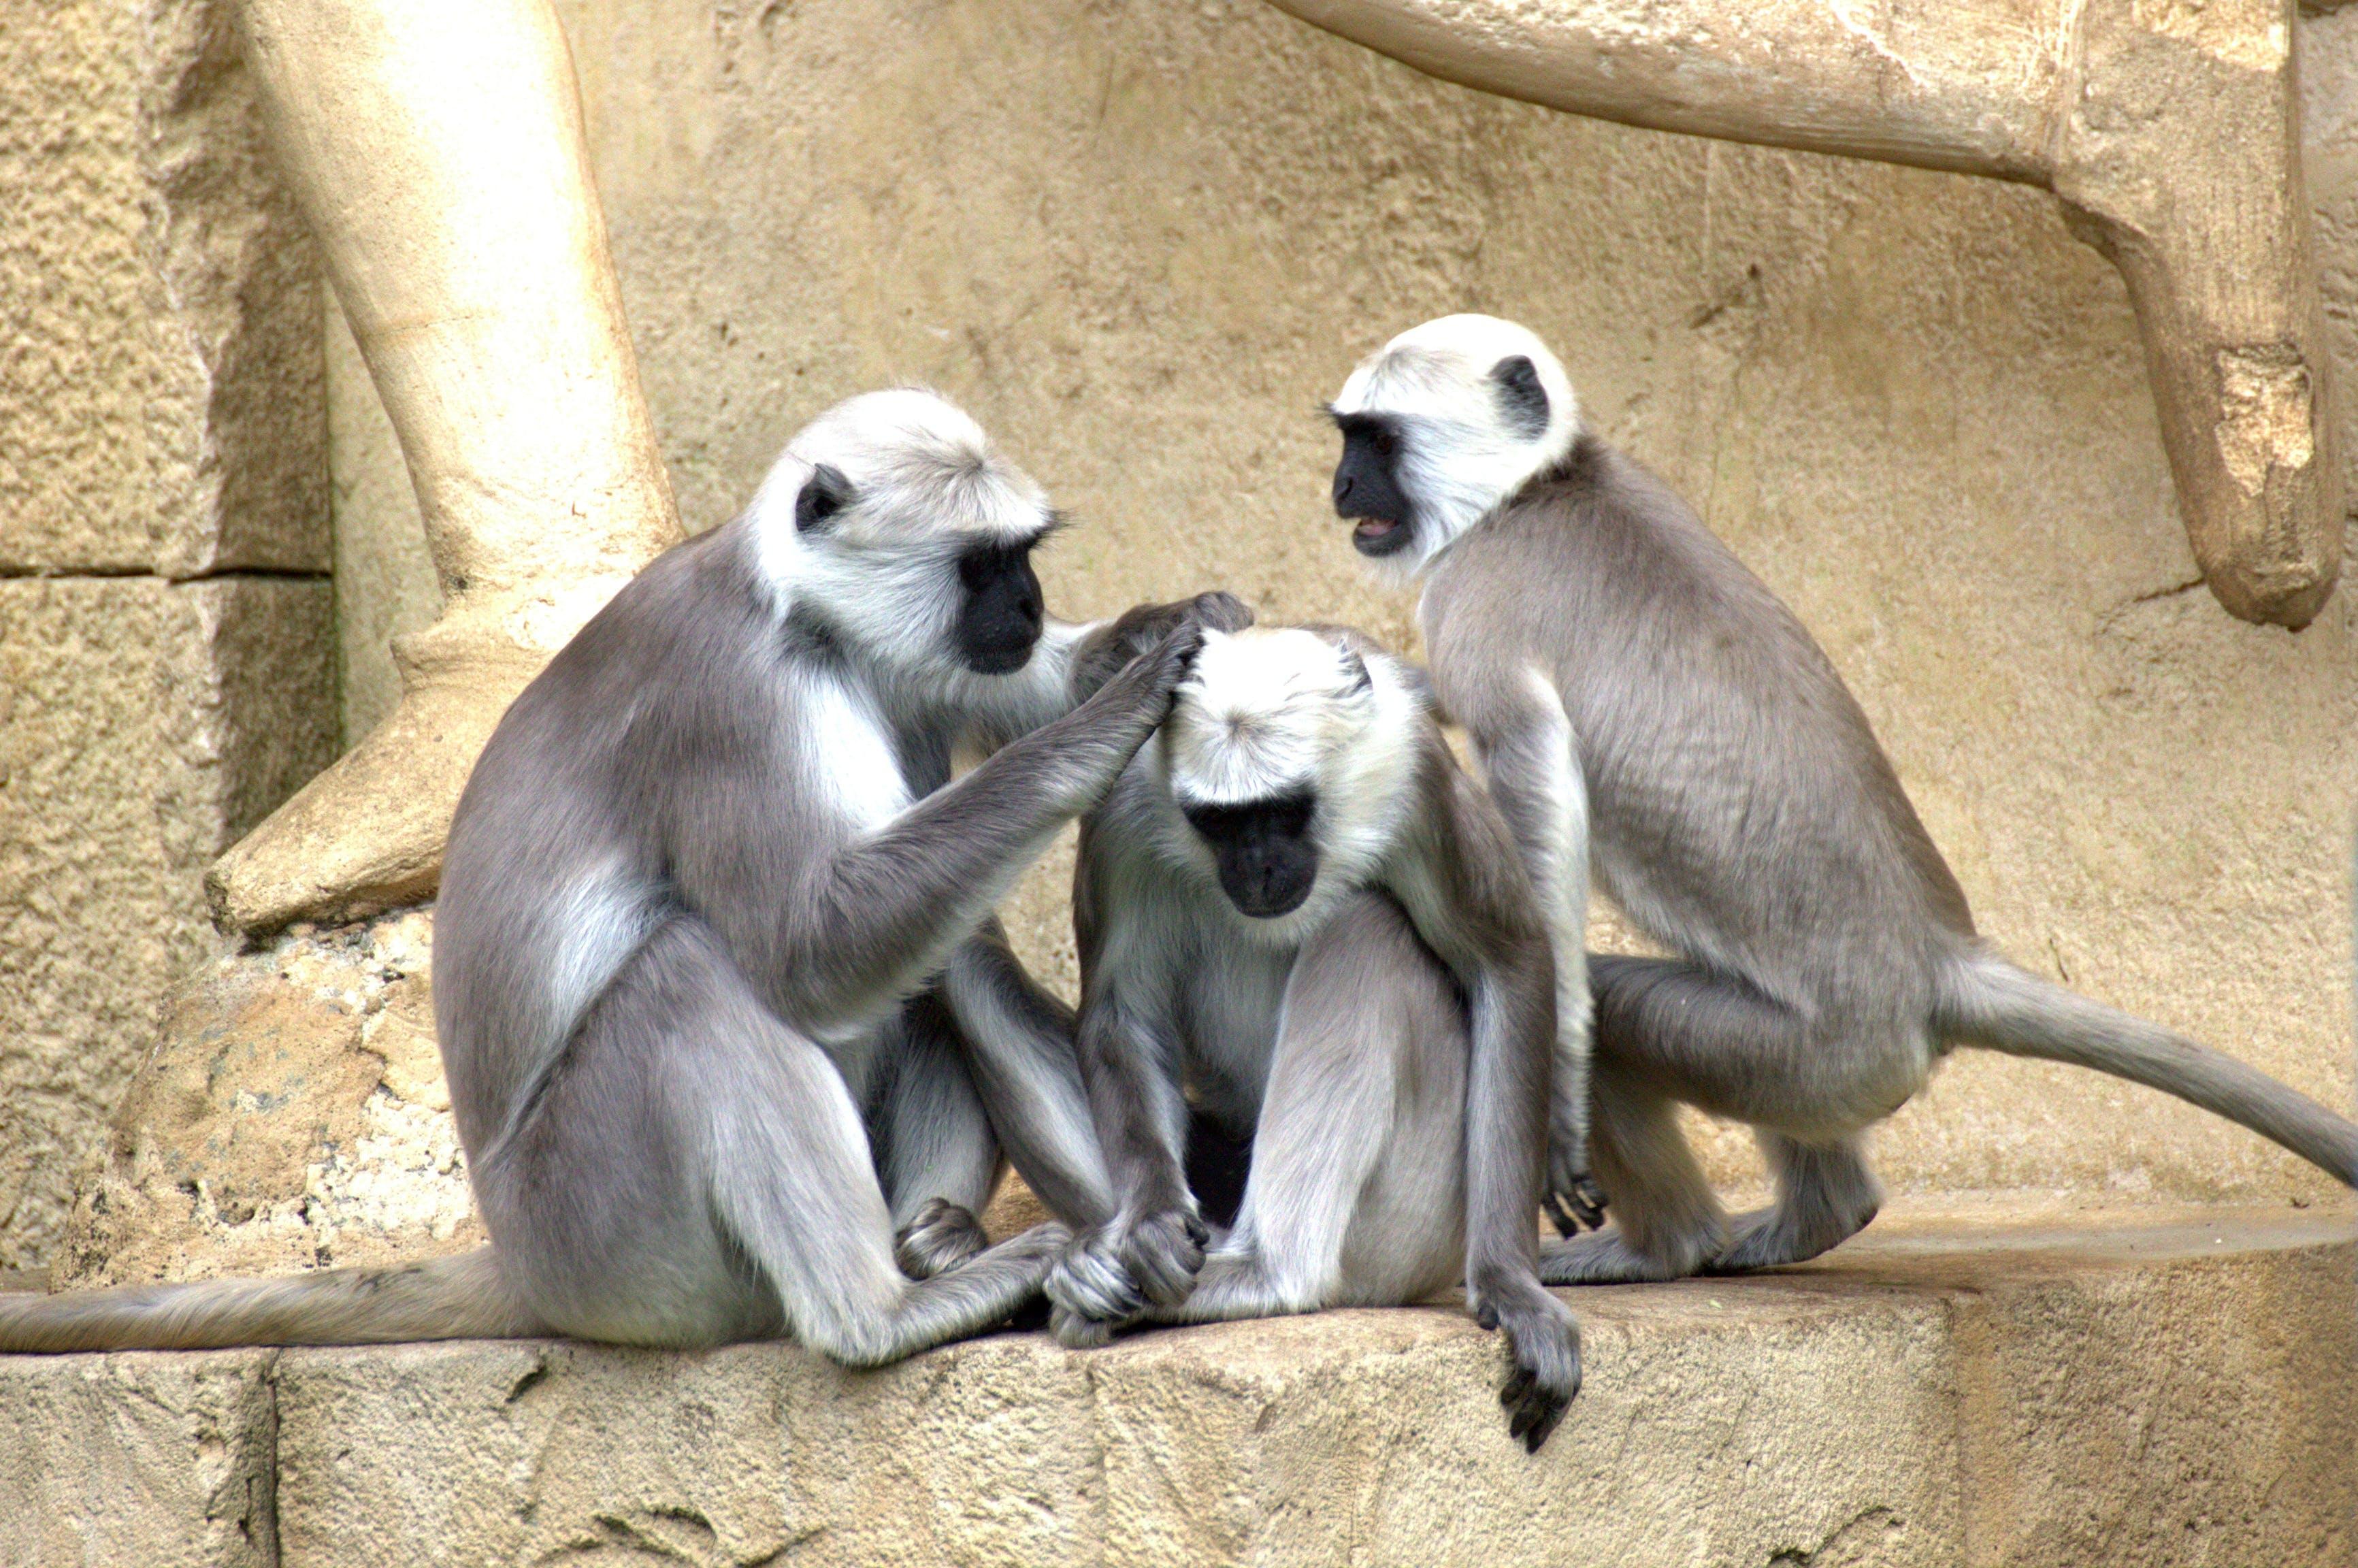 ほ乳類, サル, 類人猿の無料の写真素材